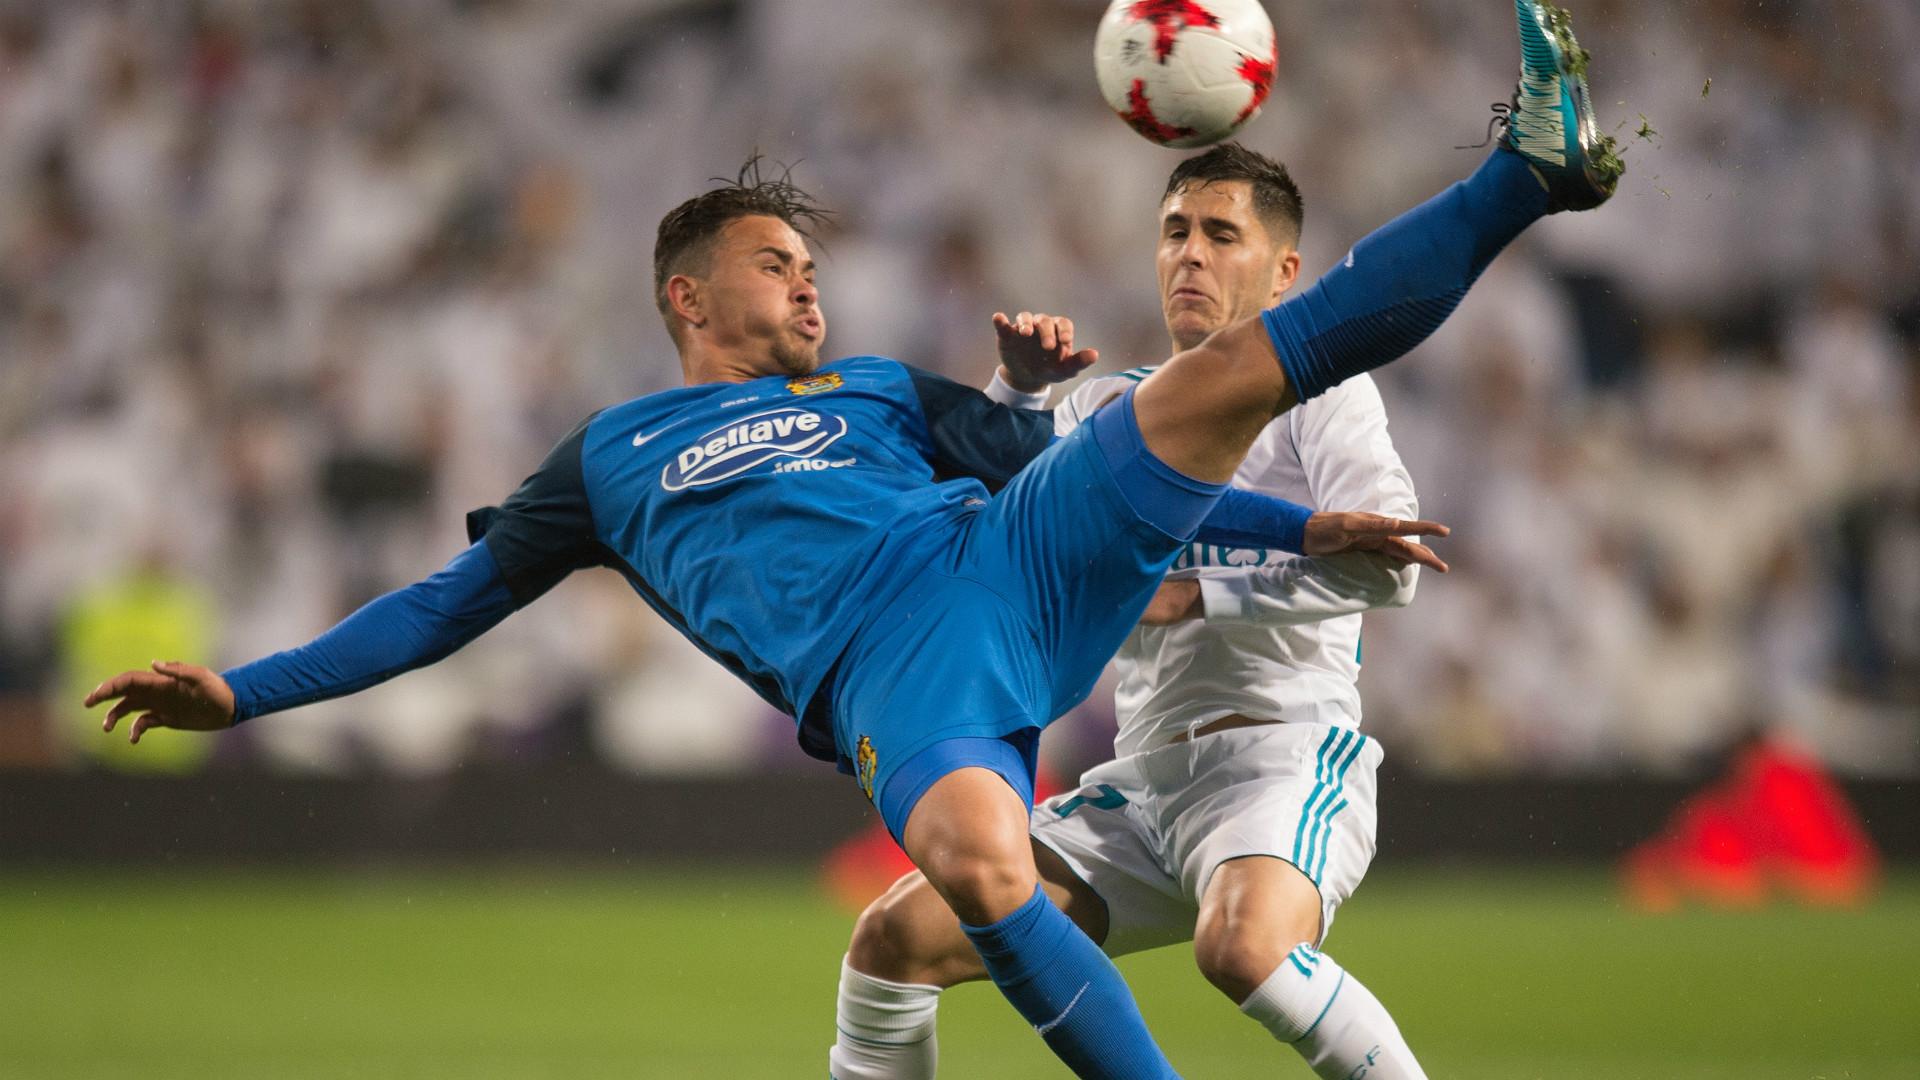 Alvaro Tejero Real Madrid Fuenlabrada Copa del Rey